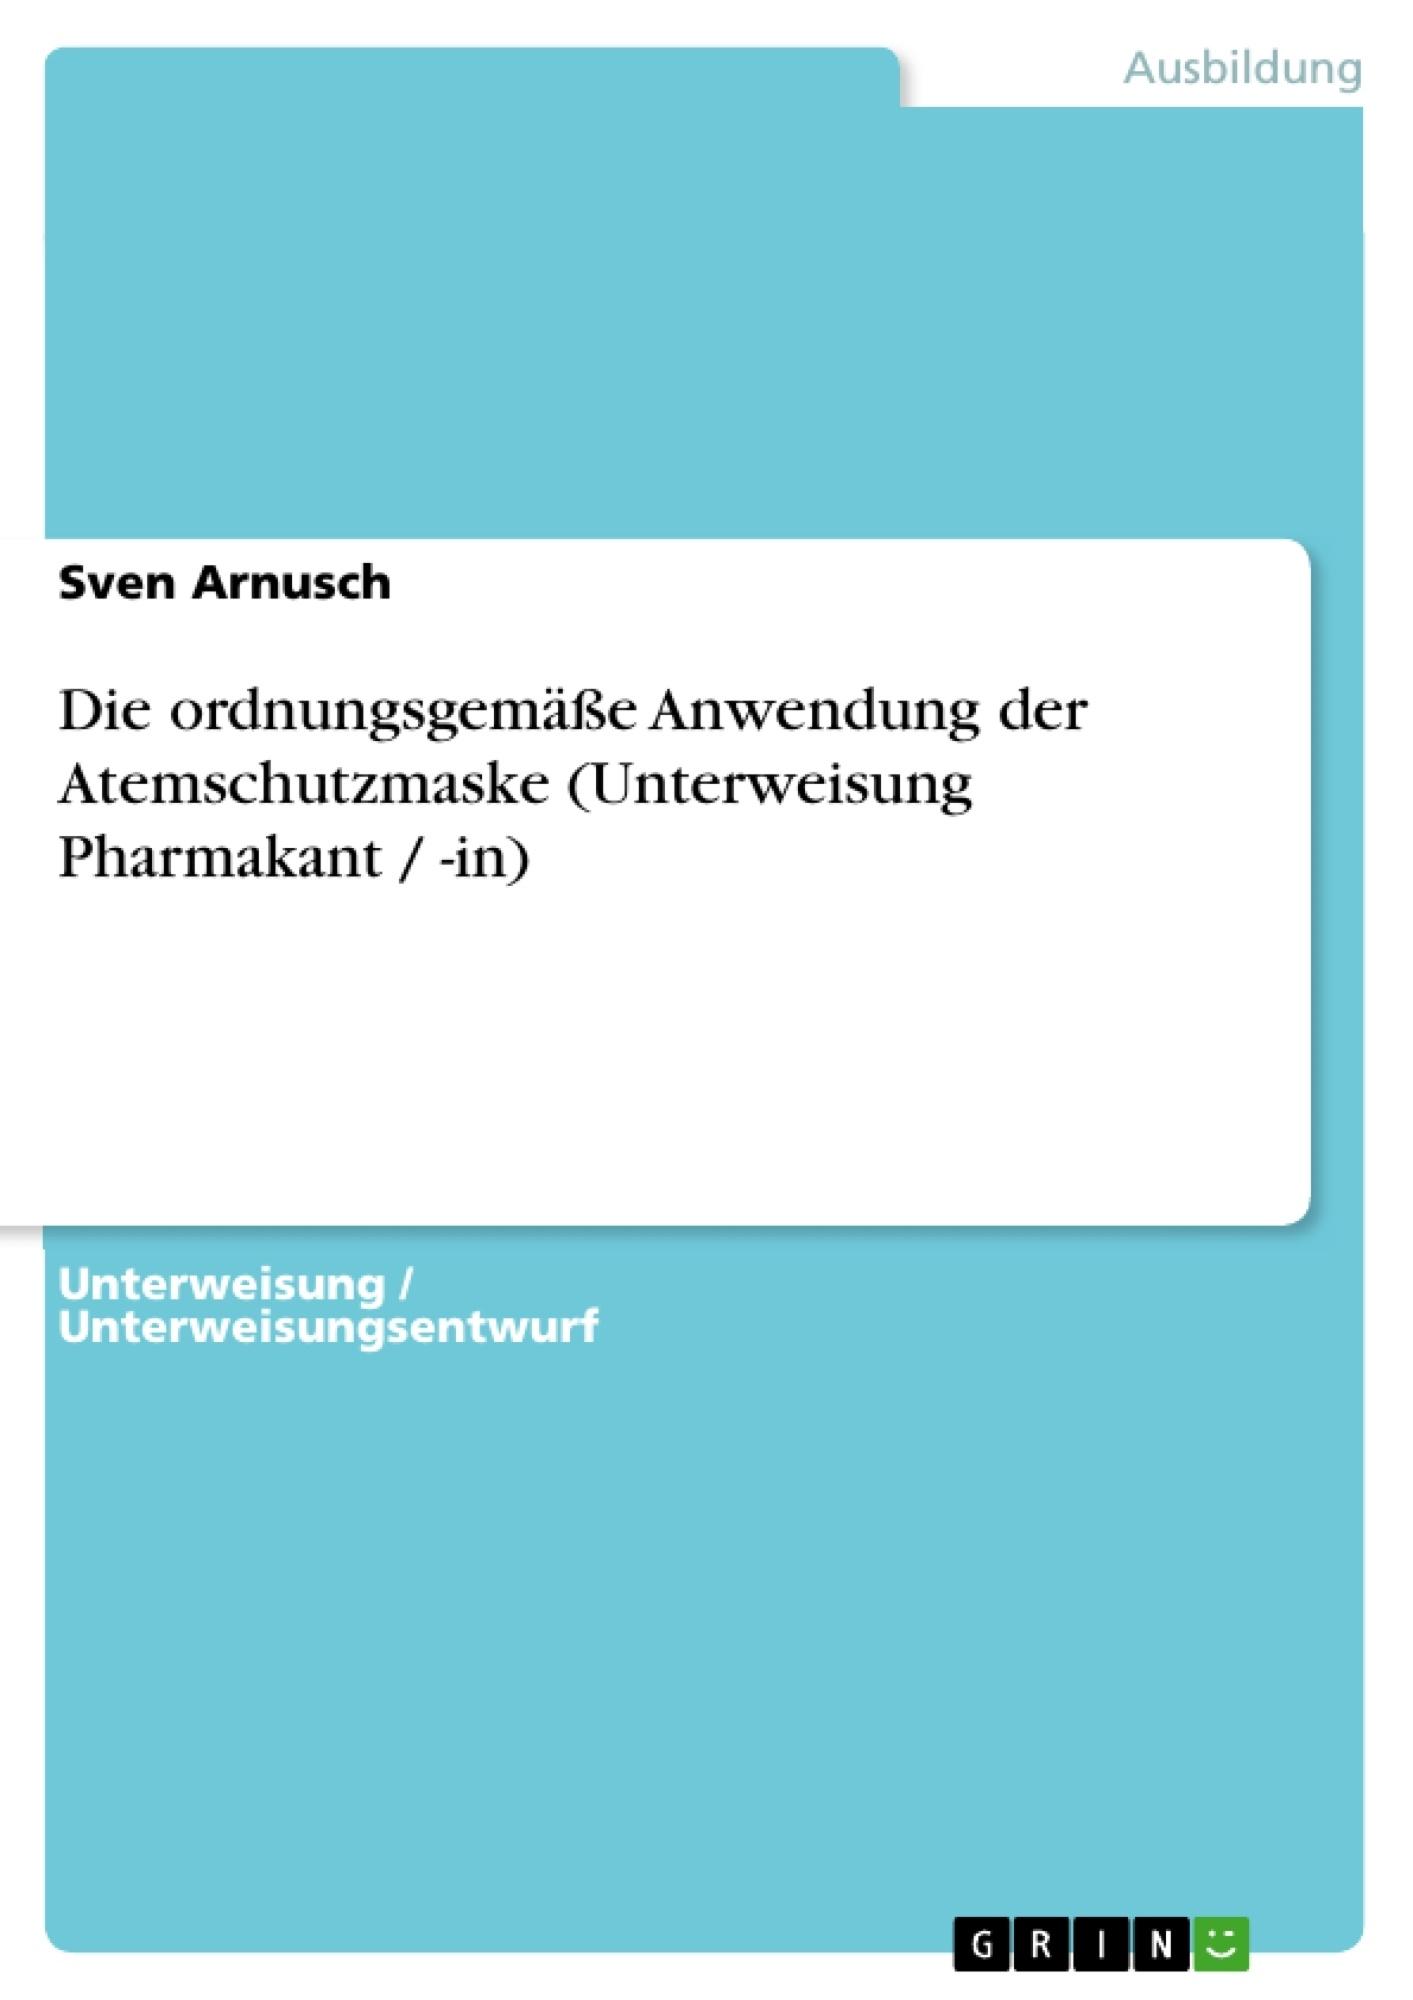 Titel: Die ordnungsgemäße Anwendung der Atemschutzmaske (Unterweisung Pharmakant / -in)